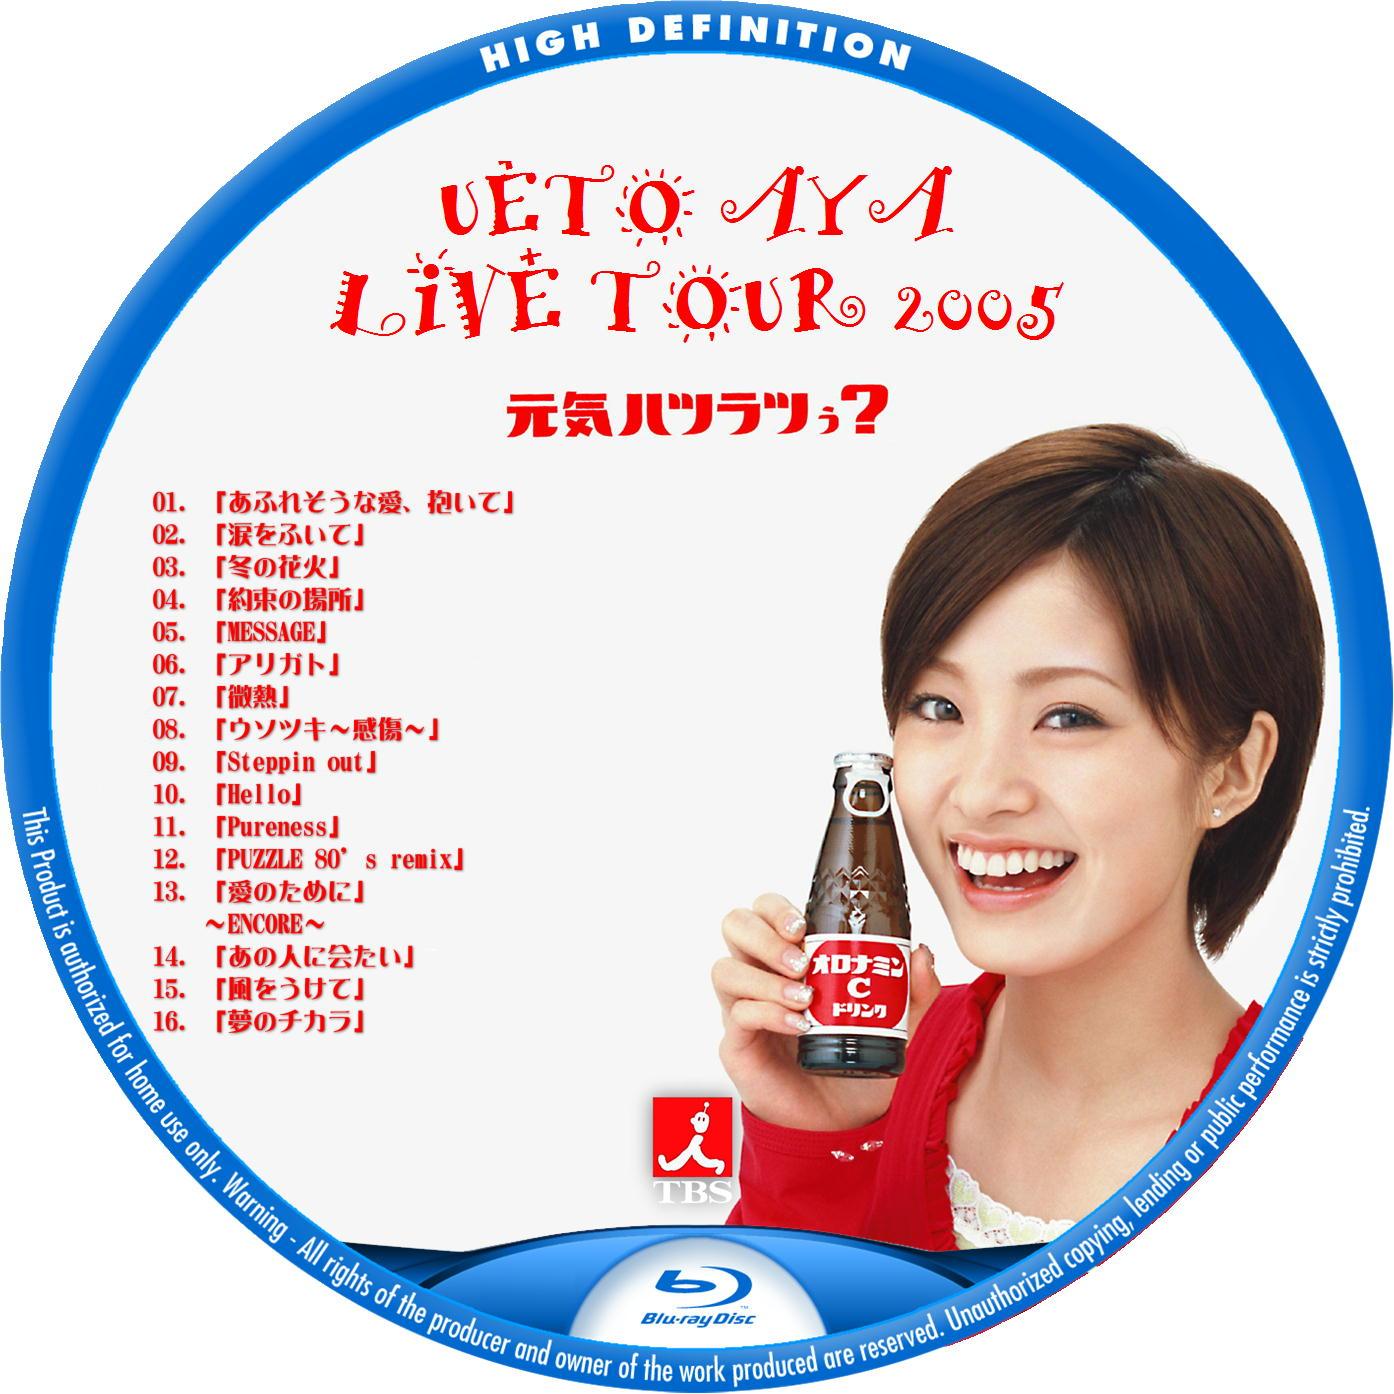 上戸彩 LIVE TOUR 2005 BDラベル